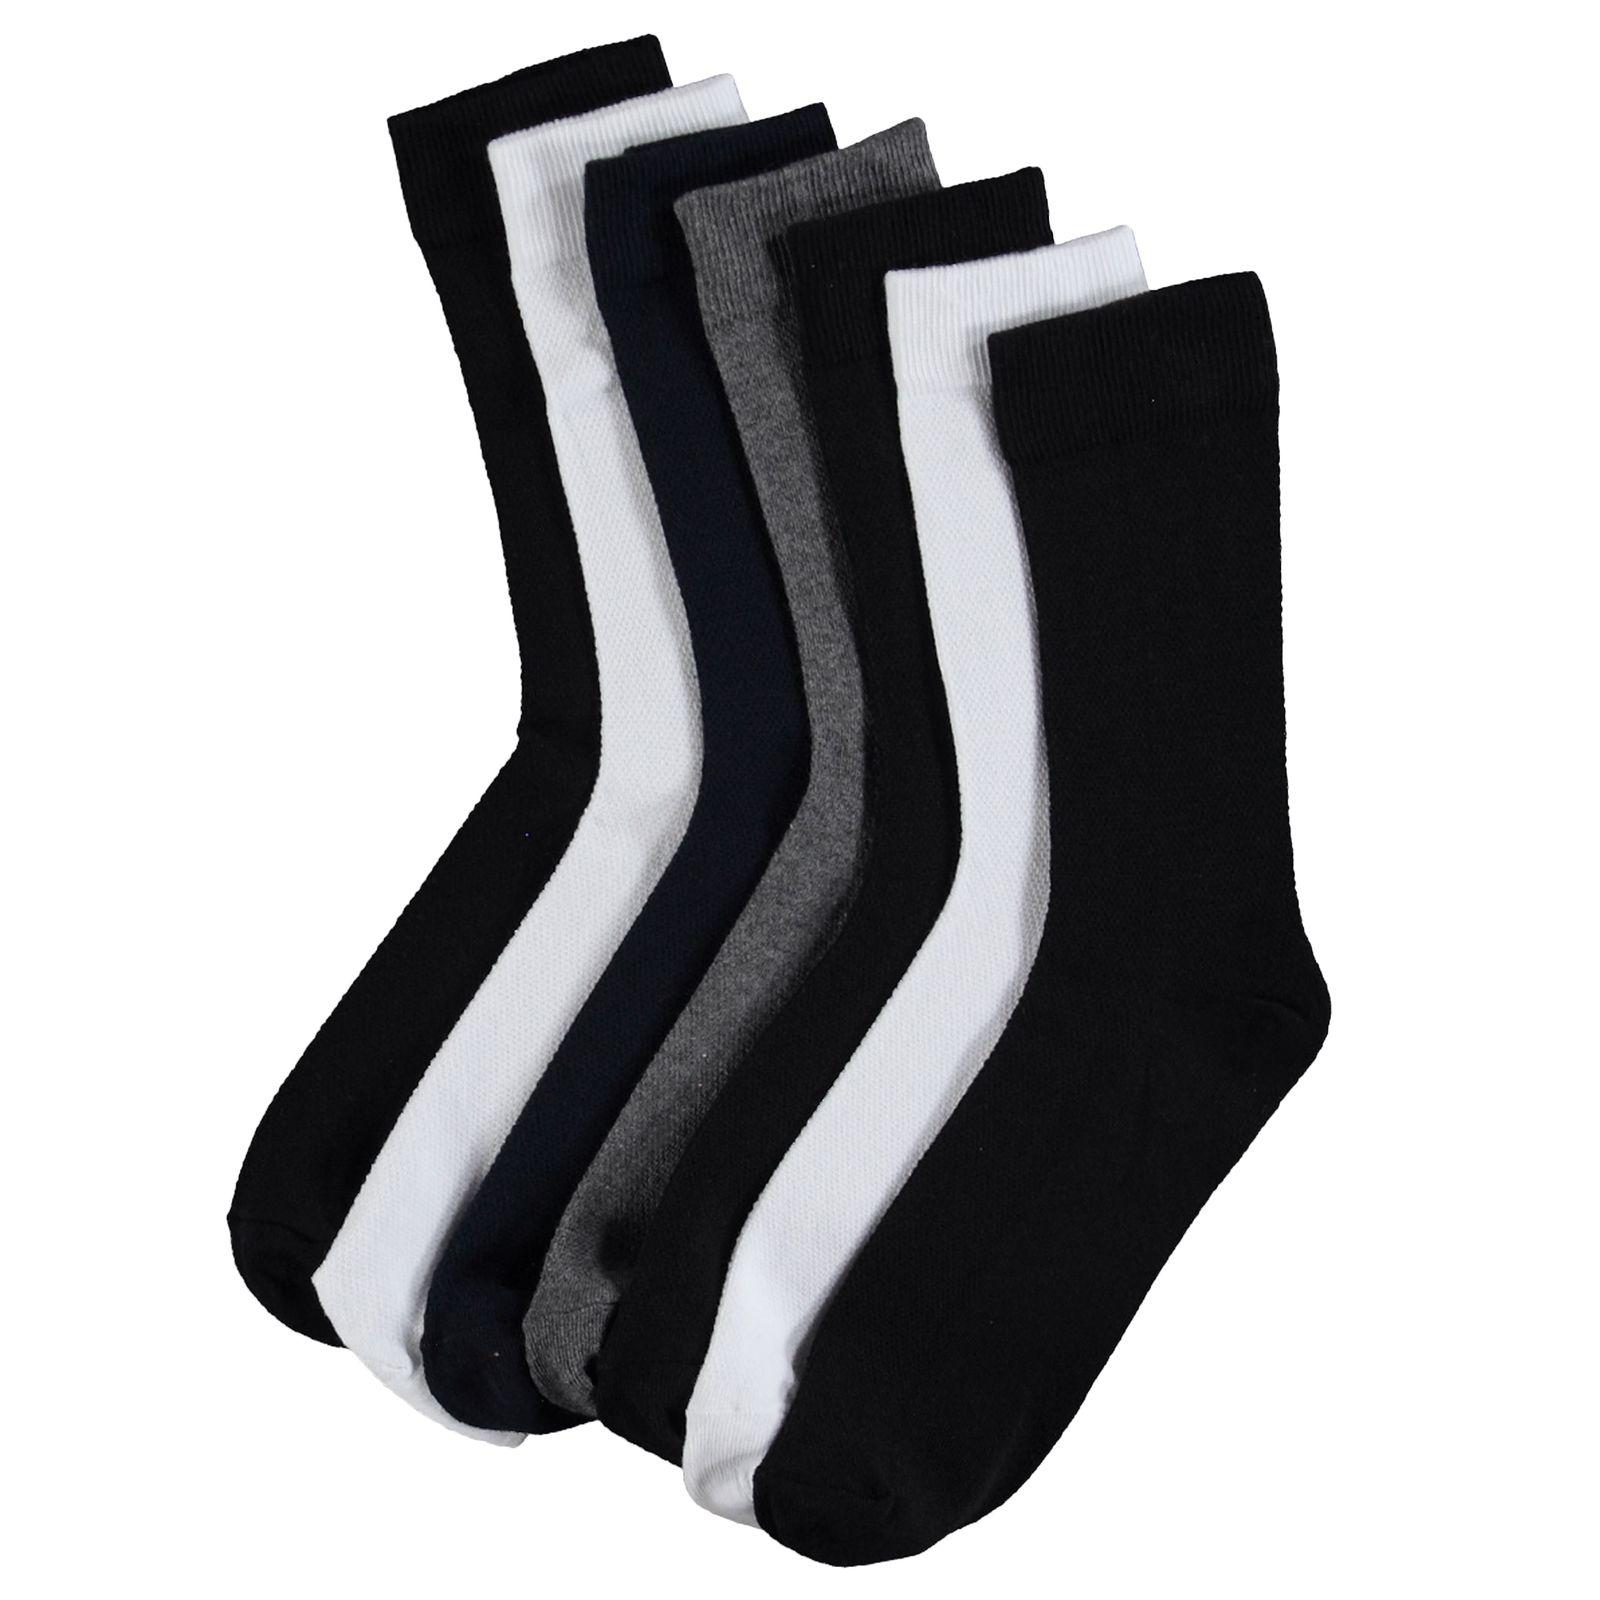 جوراب مردانه ال سی وایکیکی کد 0S6089Z8 مجموعه 7 عددی -  - 2